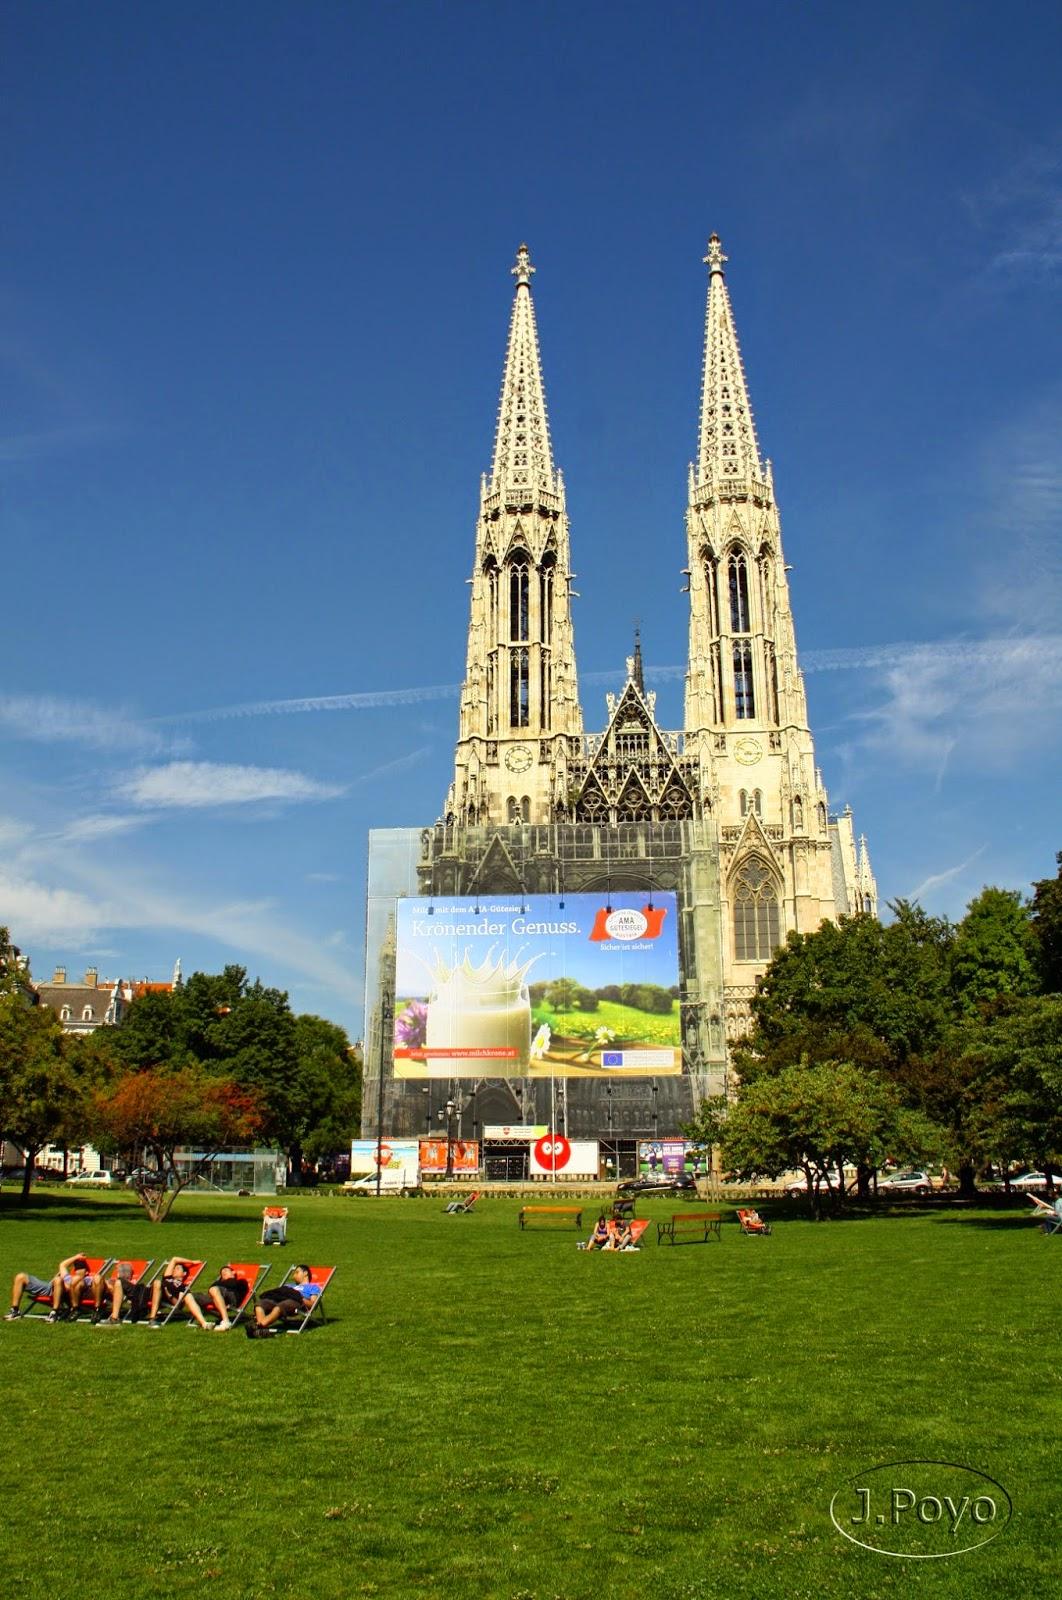 Iglesia Votiva, Votivkirche de Viena